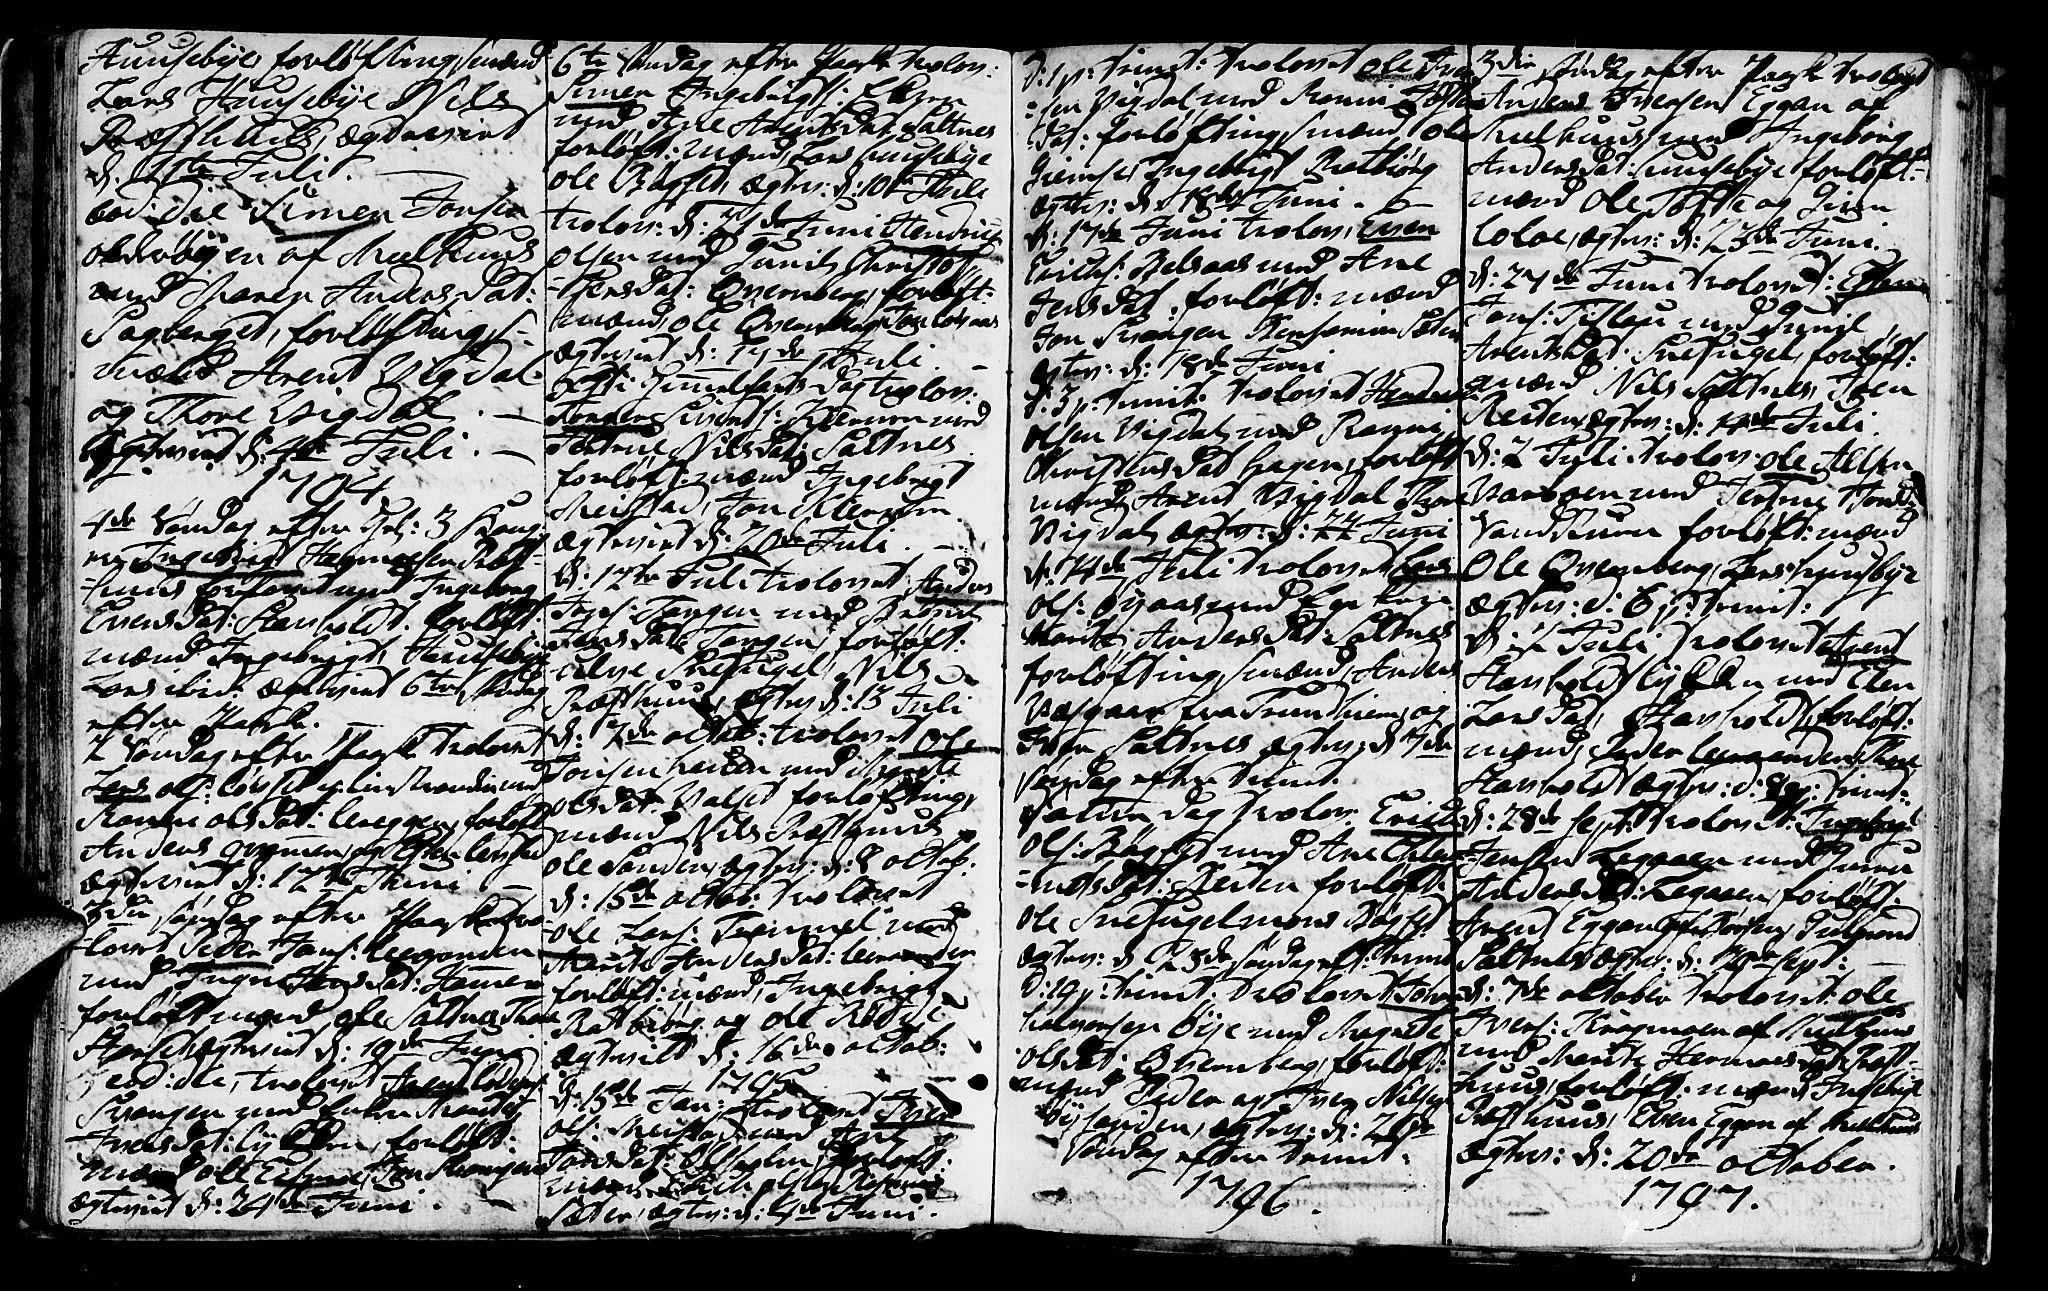 SAT, Ministerialprotokoller, klokkerbøker og fødselsregistre - Sør-Trøndelag, 666/L0784: Ministerialbok nr. 666A02, 1754-1802, s. 98